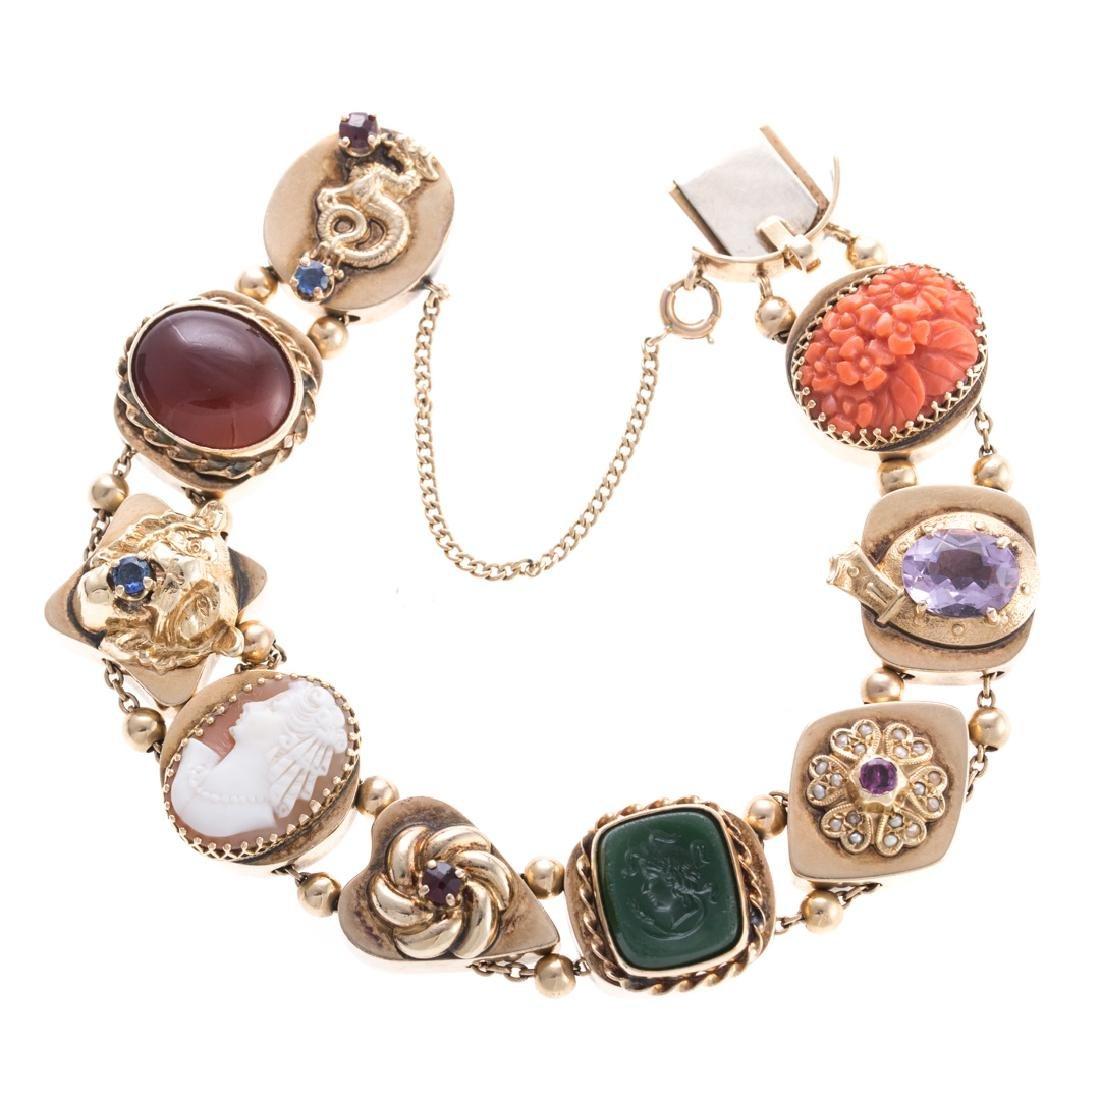 An Impressive Victorian Slide Bracelet in Gold